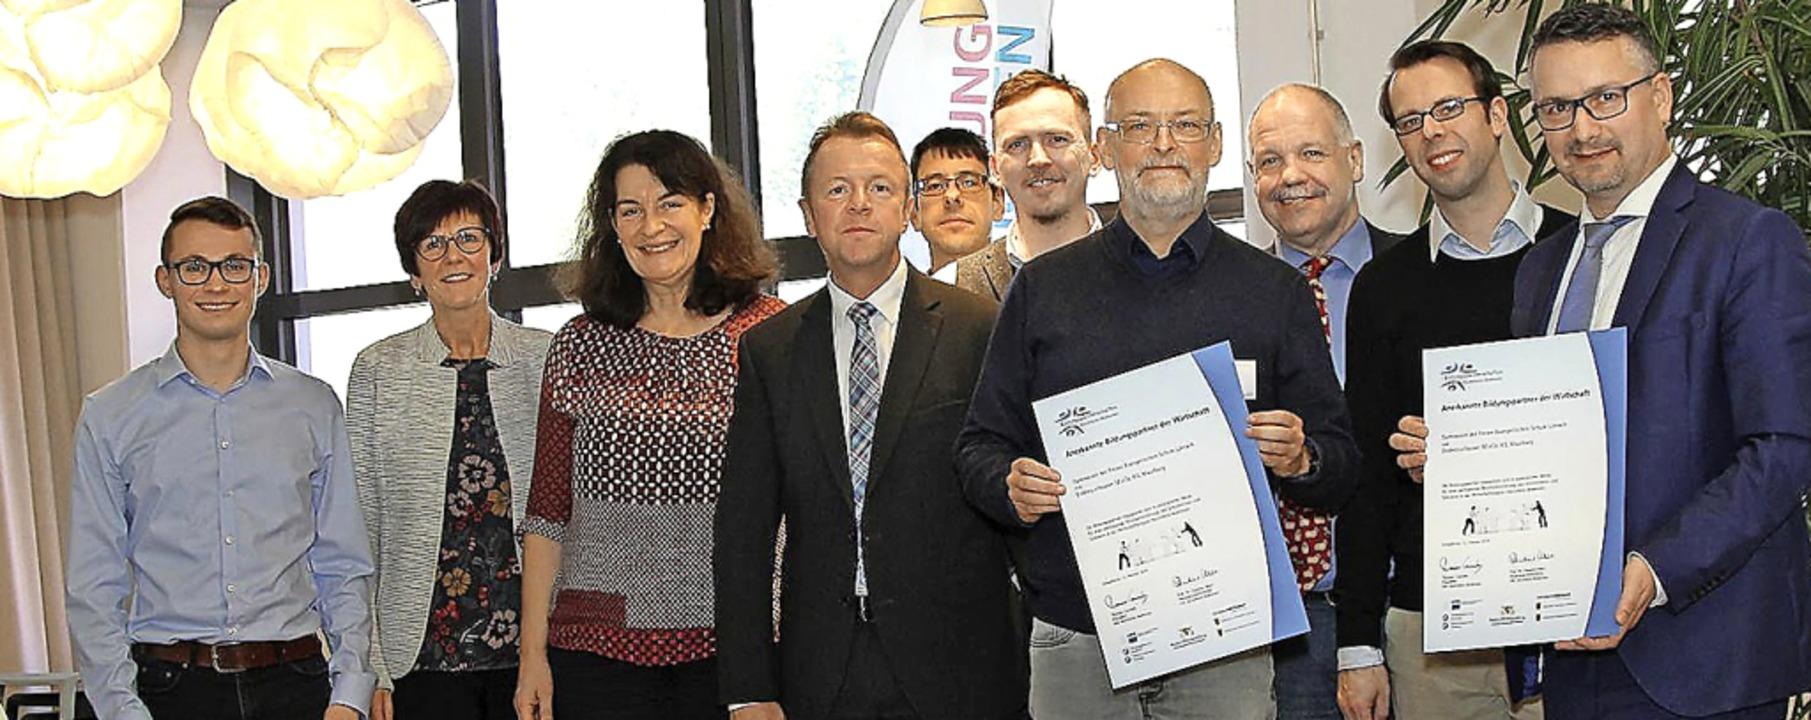 Gemeinsam für Bildung: Vertreter der F...erzeichnung des Kooperationsvertrages   | Foto: E+H